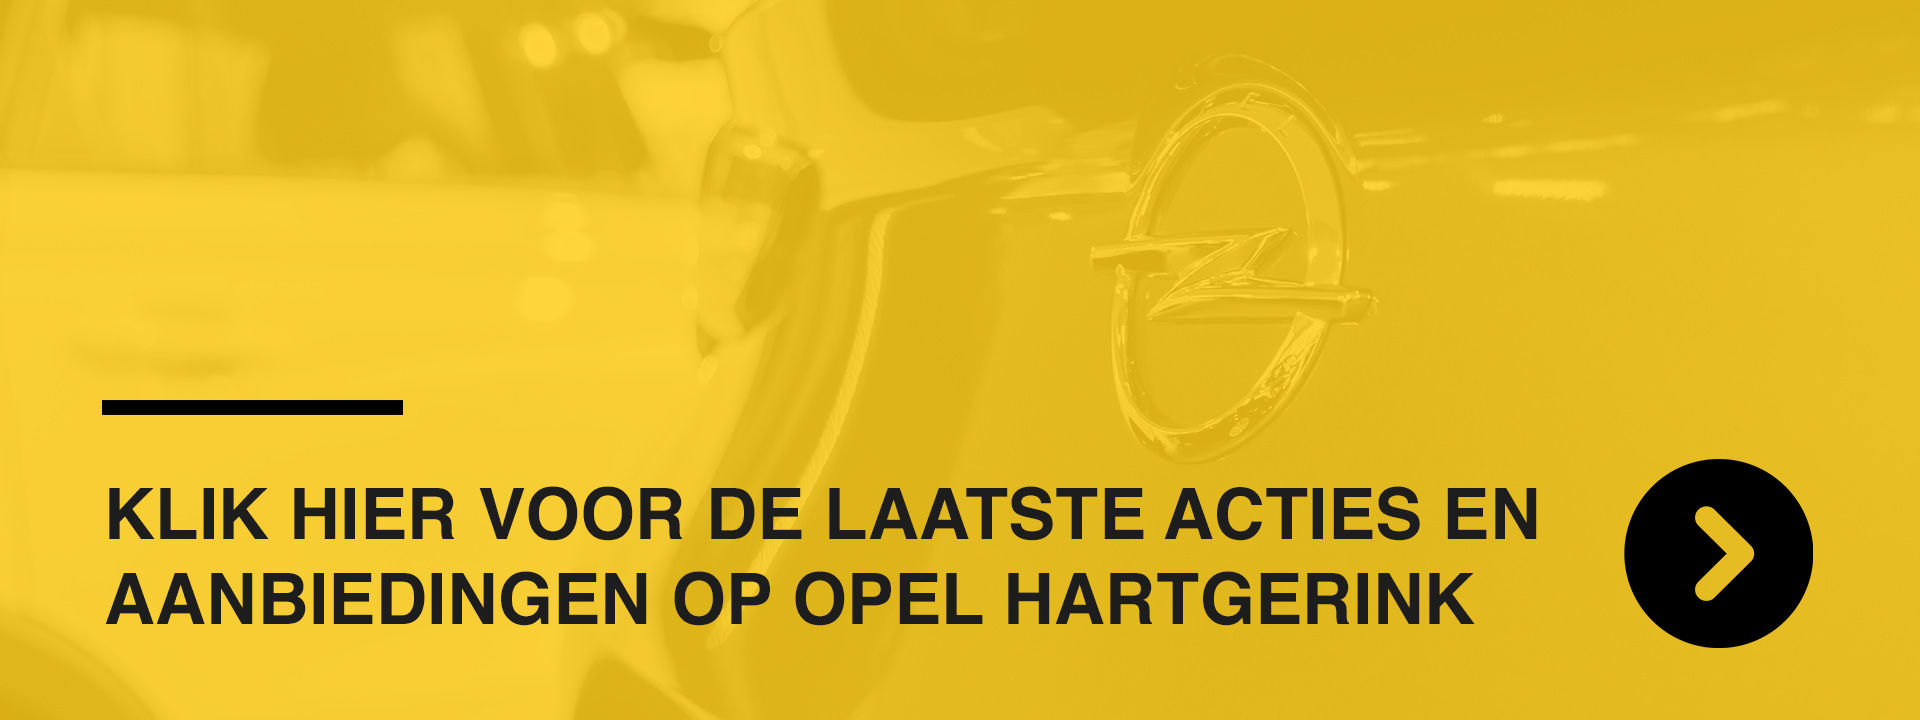 Opel Hartgerink